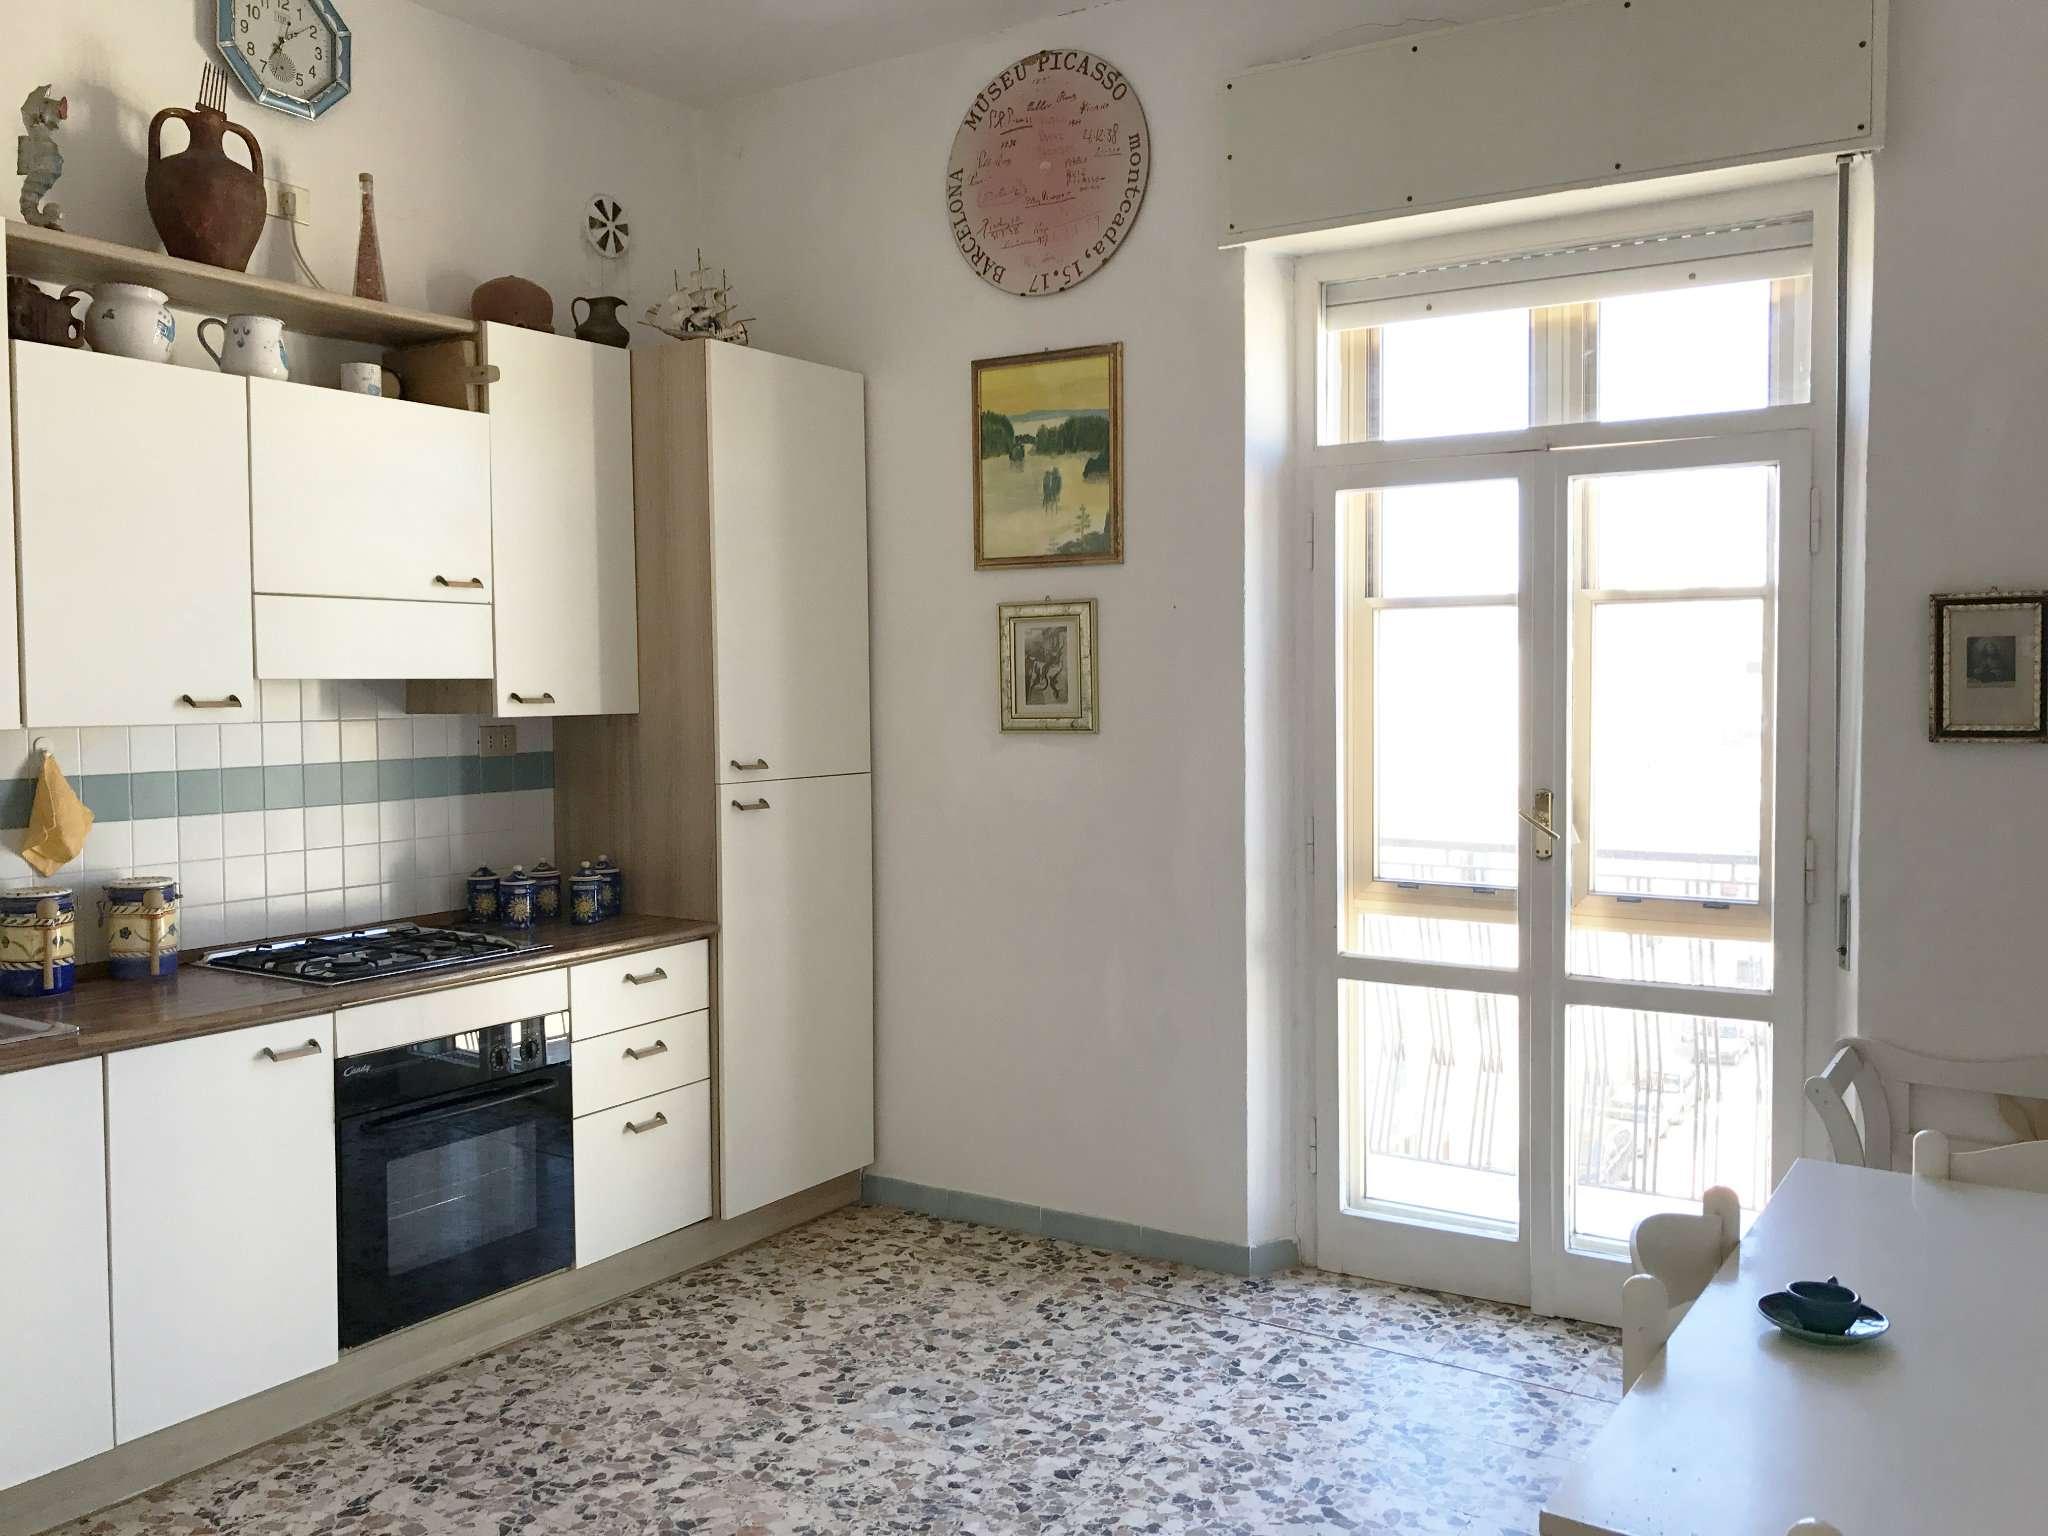 Attico / Mansarda in vendita a Alghero, 4 locali, prezzo € 170.000 | CambioCasa.it